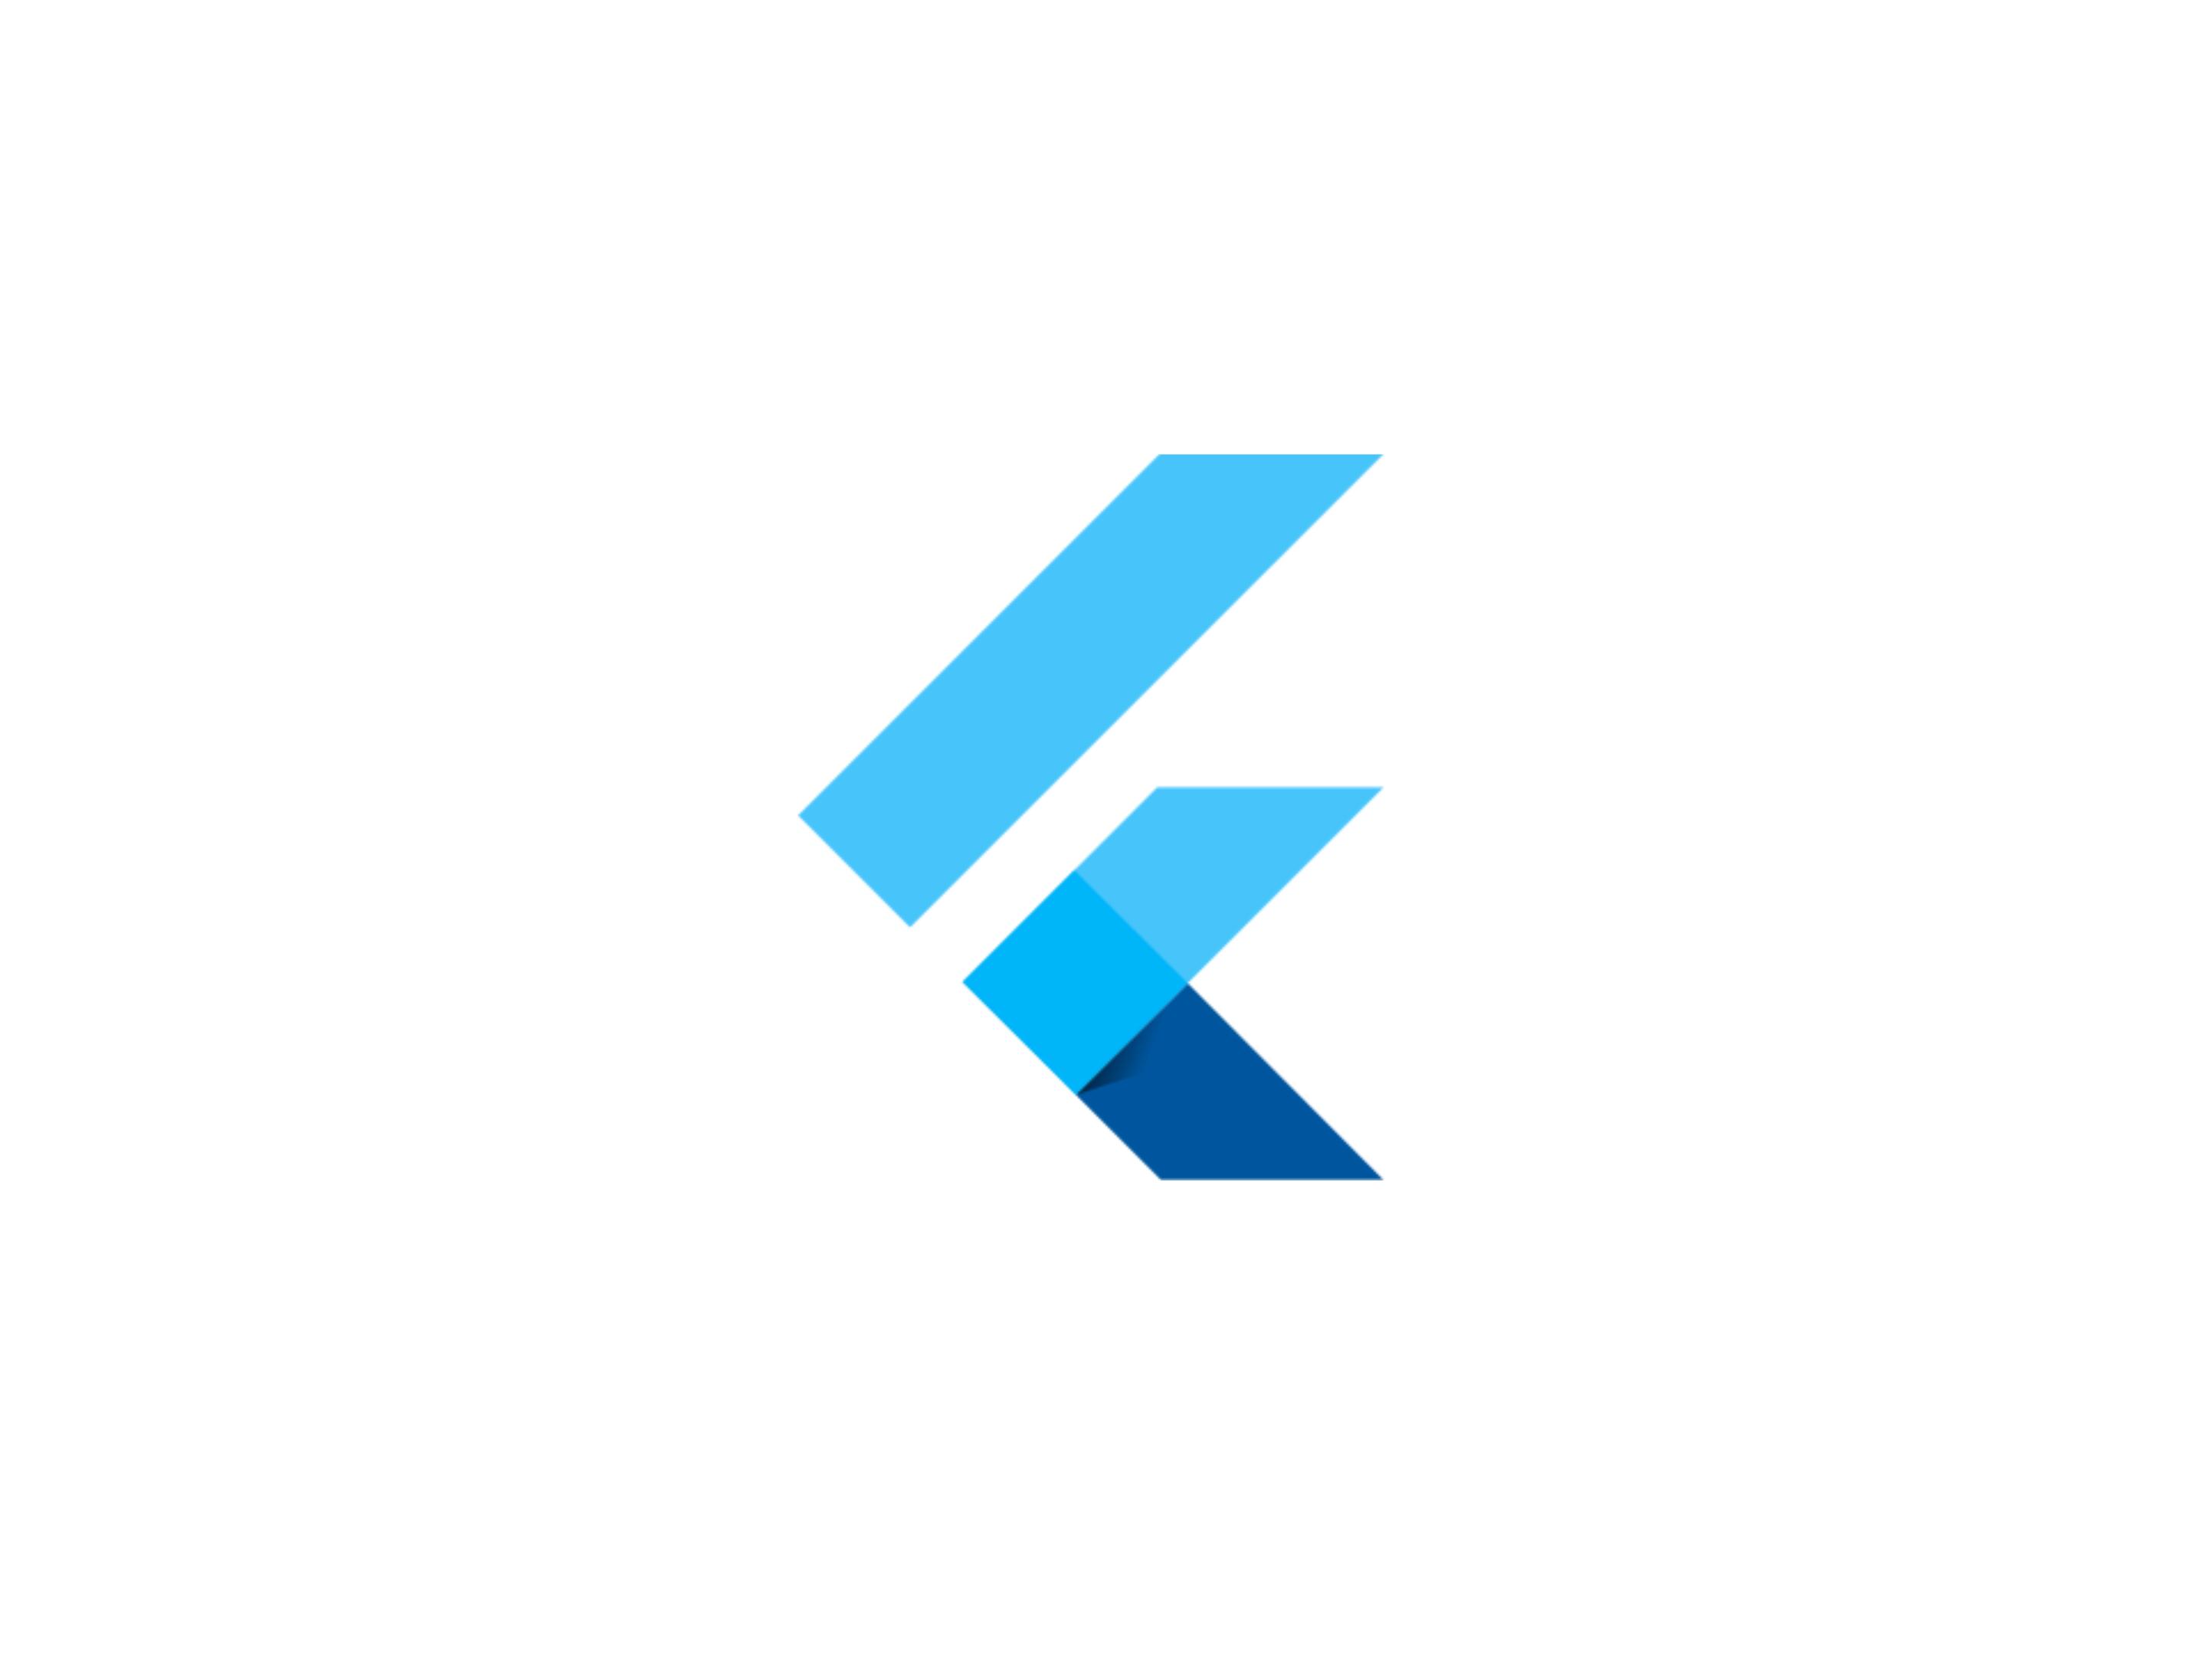 Flutter_ロゴ